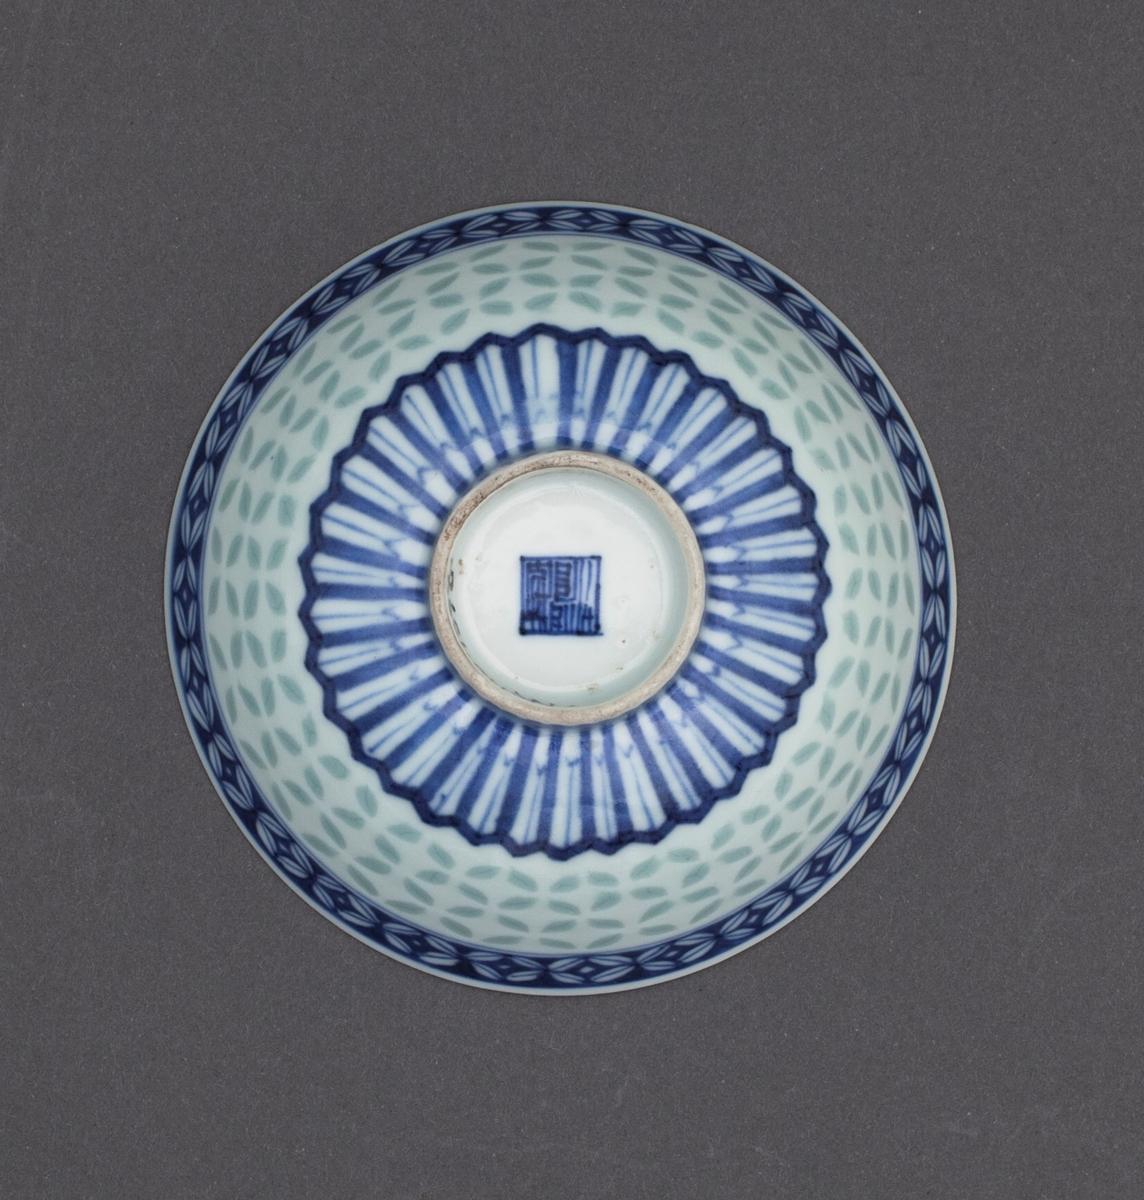 Bollen har et gjennomgående og transparent riskornmønster på midten av cavetto. Glasuren i dette mønsteret er grågrønt. Langs munningskanten på utsiden av cavetto finner vi en dekorkant med riskornmønster i koboltblå underglasur. På undersiden av cavetto finner vi en dekorkant av lotuspanel i koboltblå underglasur. På Innsiden av cavetto finner vi langs munningskanten en dekorkant med arabesk i koboltblå underglasur. I speilet på bollen finner vi «wufu:» de fem velsignelser (representert av fem flaggermus) som kretser rundt en stilisert utgave av «shou» (tegnet for langt liv). Gruppen er omrammet av to konsentriske sirkler. Alt i koboltblå underglasur. Rundt foten finner vi to konsentriseke sirkler i coboltblå underglasur. Under bunnen av bollen i håndmalt, koboltblå underglasur, Qianlongs keiserlige segl.  Lokket har nøyaktig det samme dekorprogrammet som bollen, bortsett fra at knoppen ikke er dekorert.